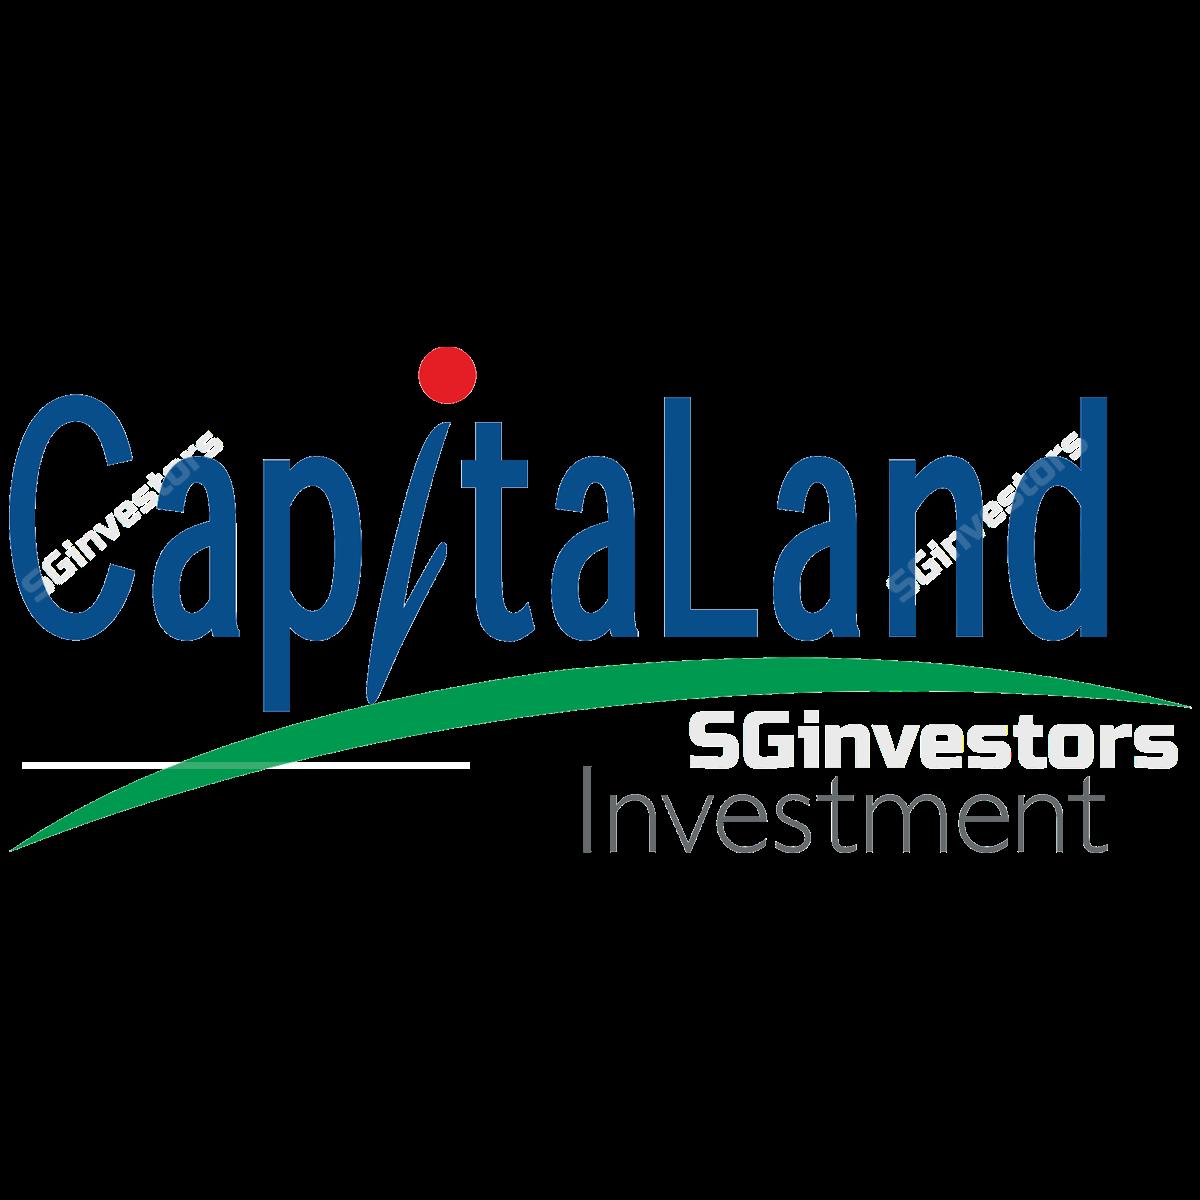 CAPITALAND INVESTMENT LIMITED (SGX:9CI) @ SGinvestors.io